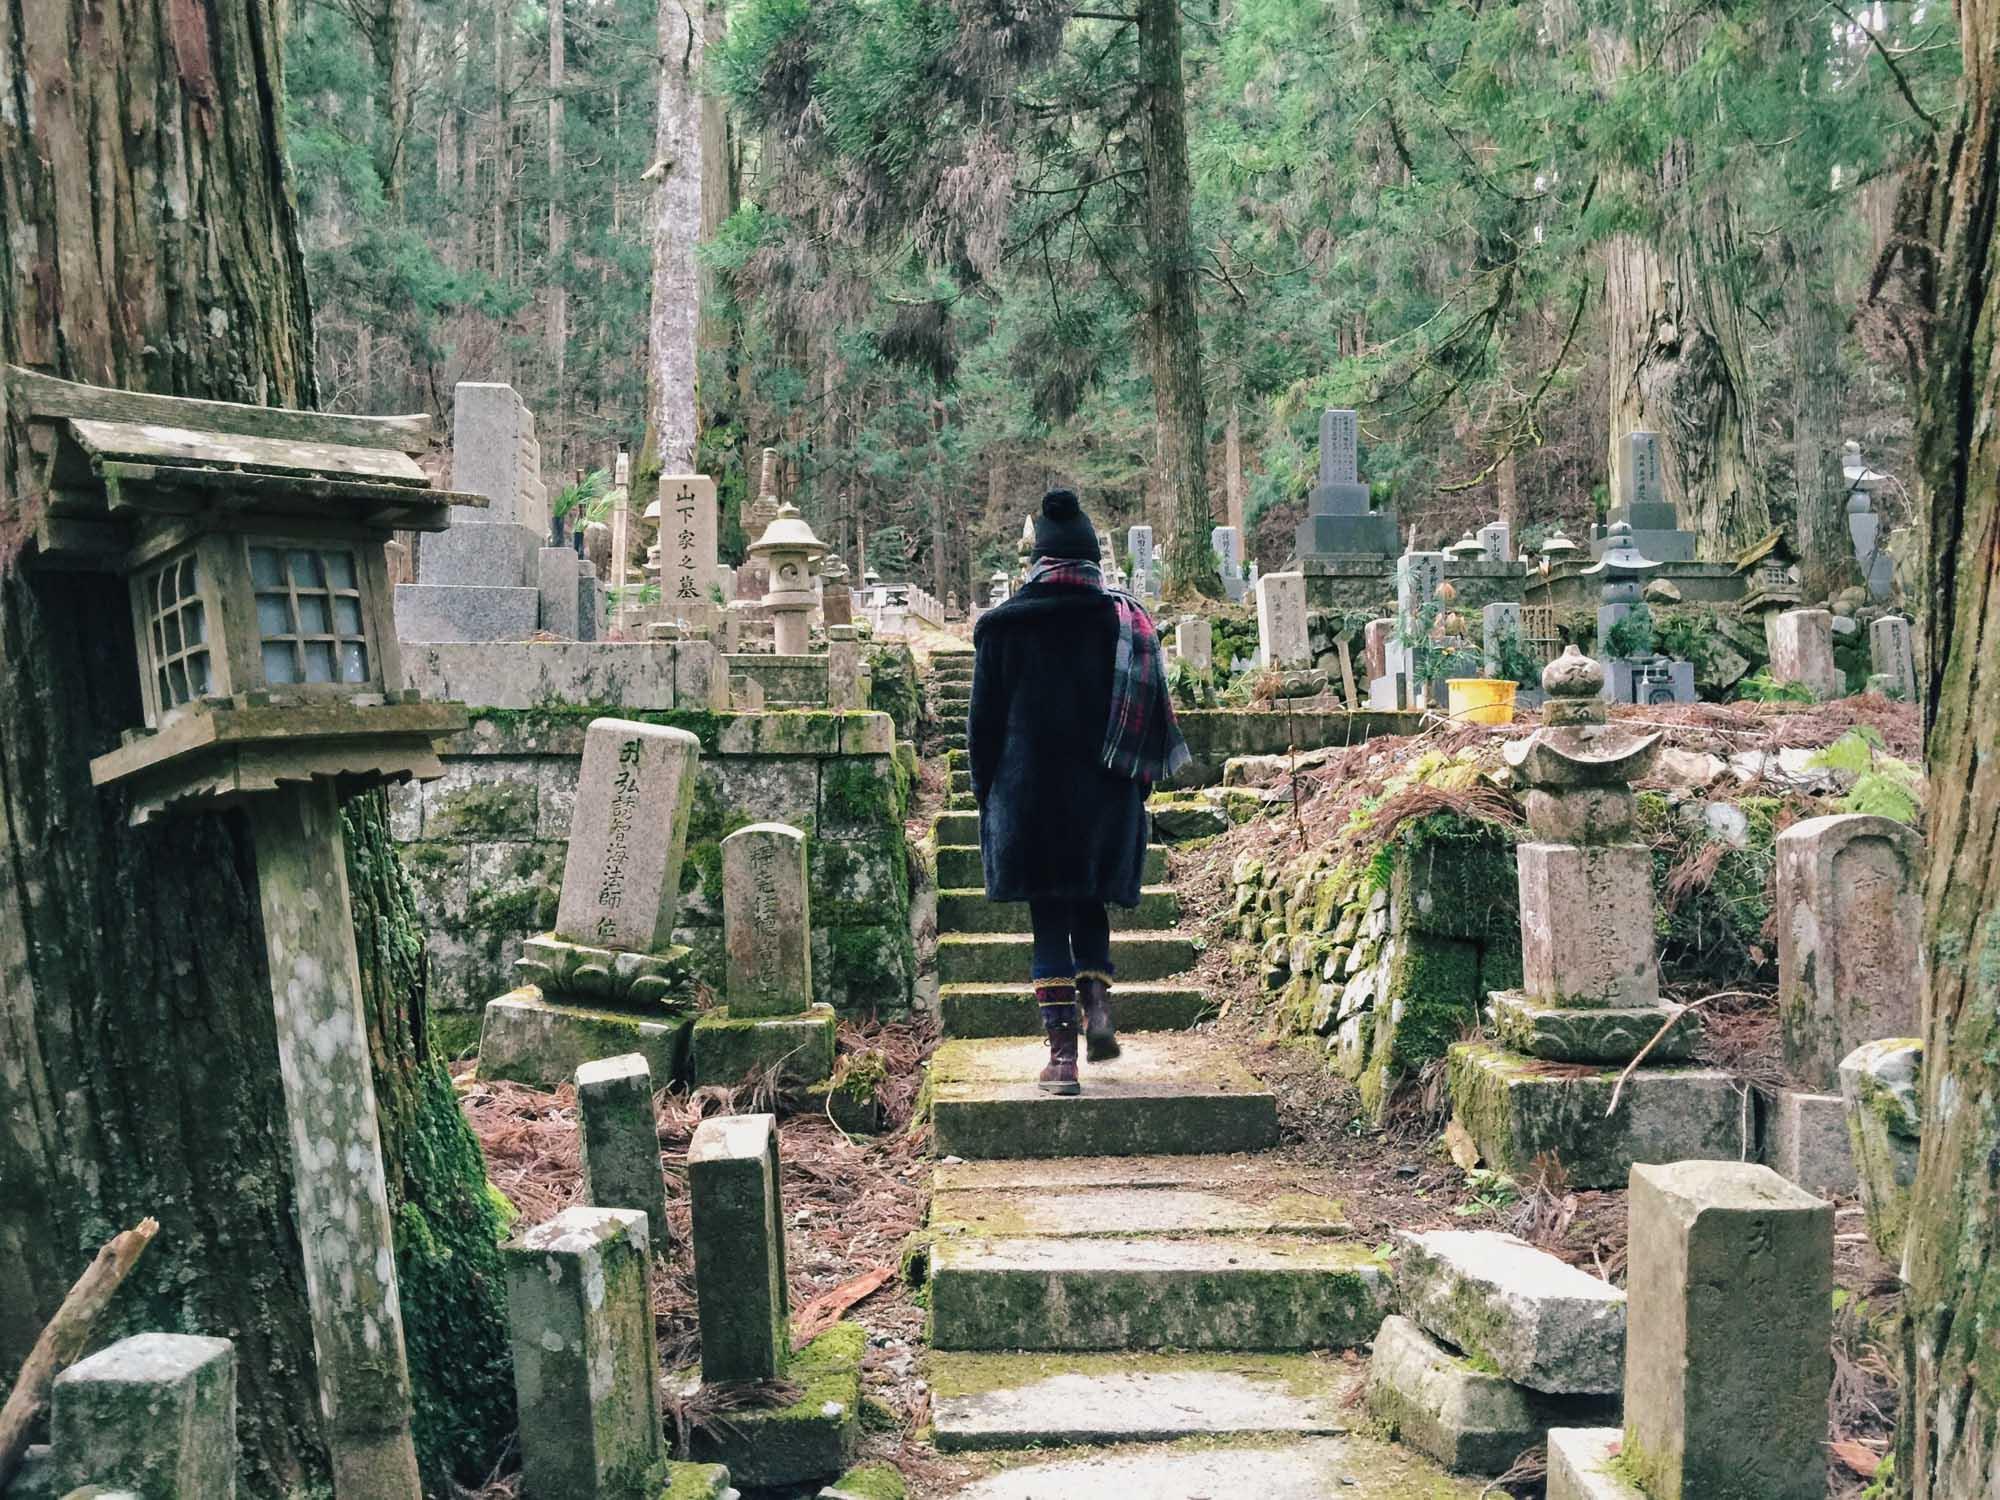 Instagramming Japan - Koyasan graveyard